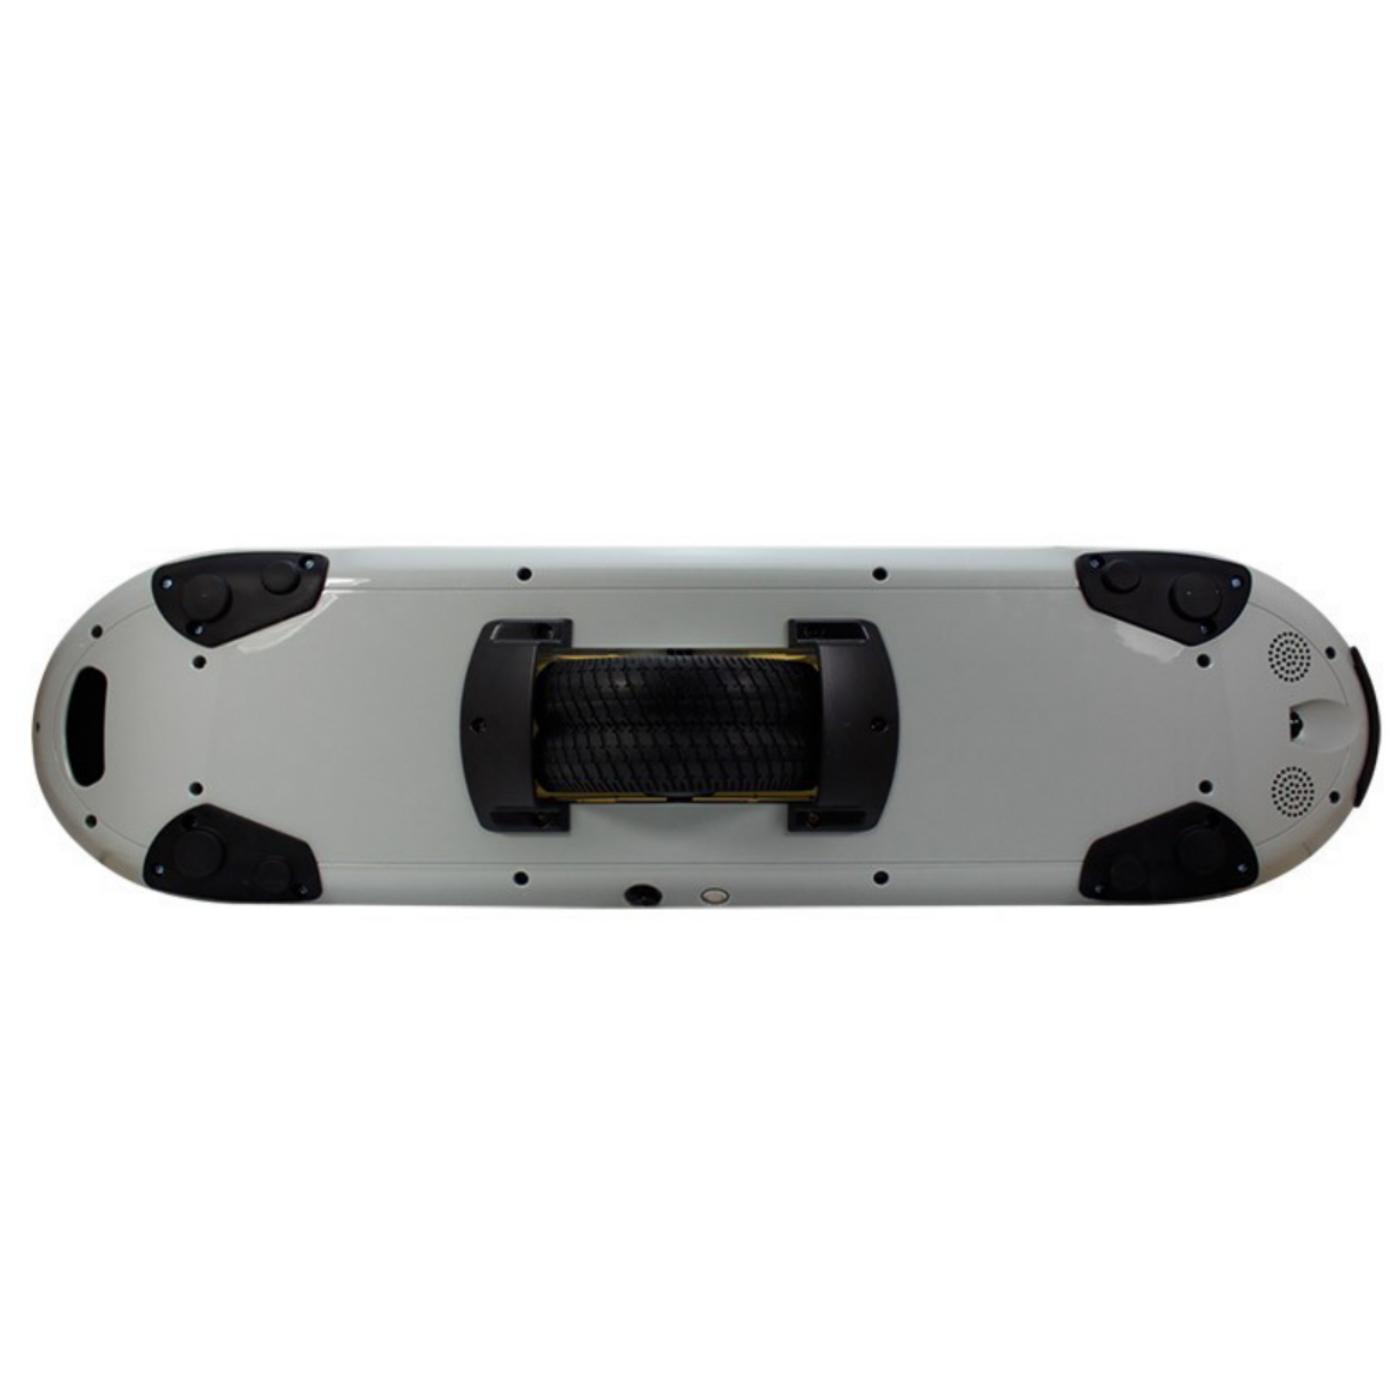 Skateboard, električni H3, 500W, 15-20km7/h,crno/bijeli